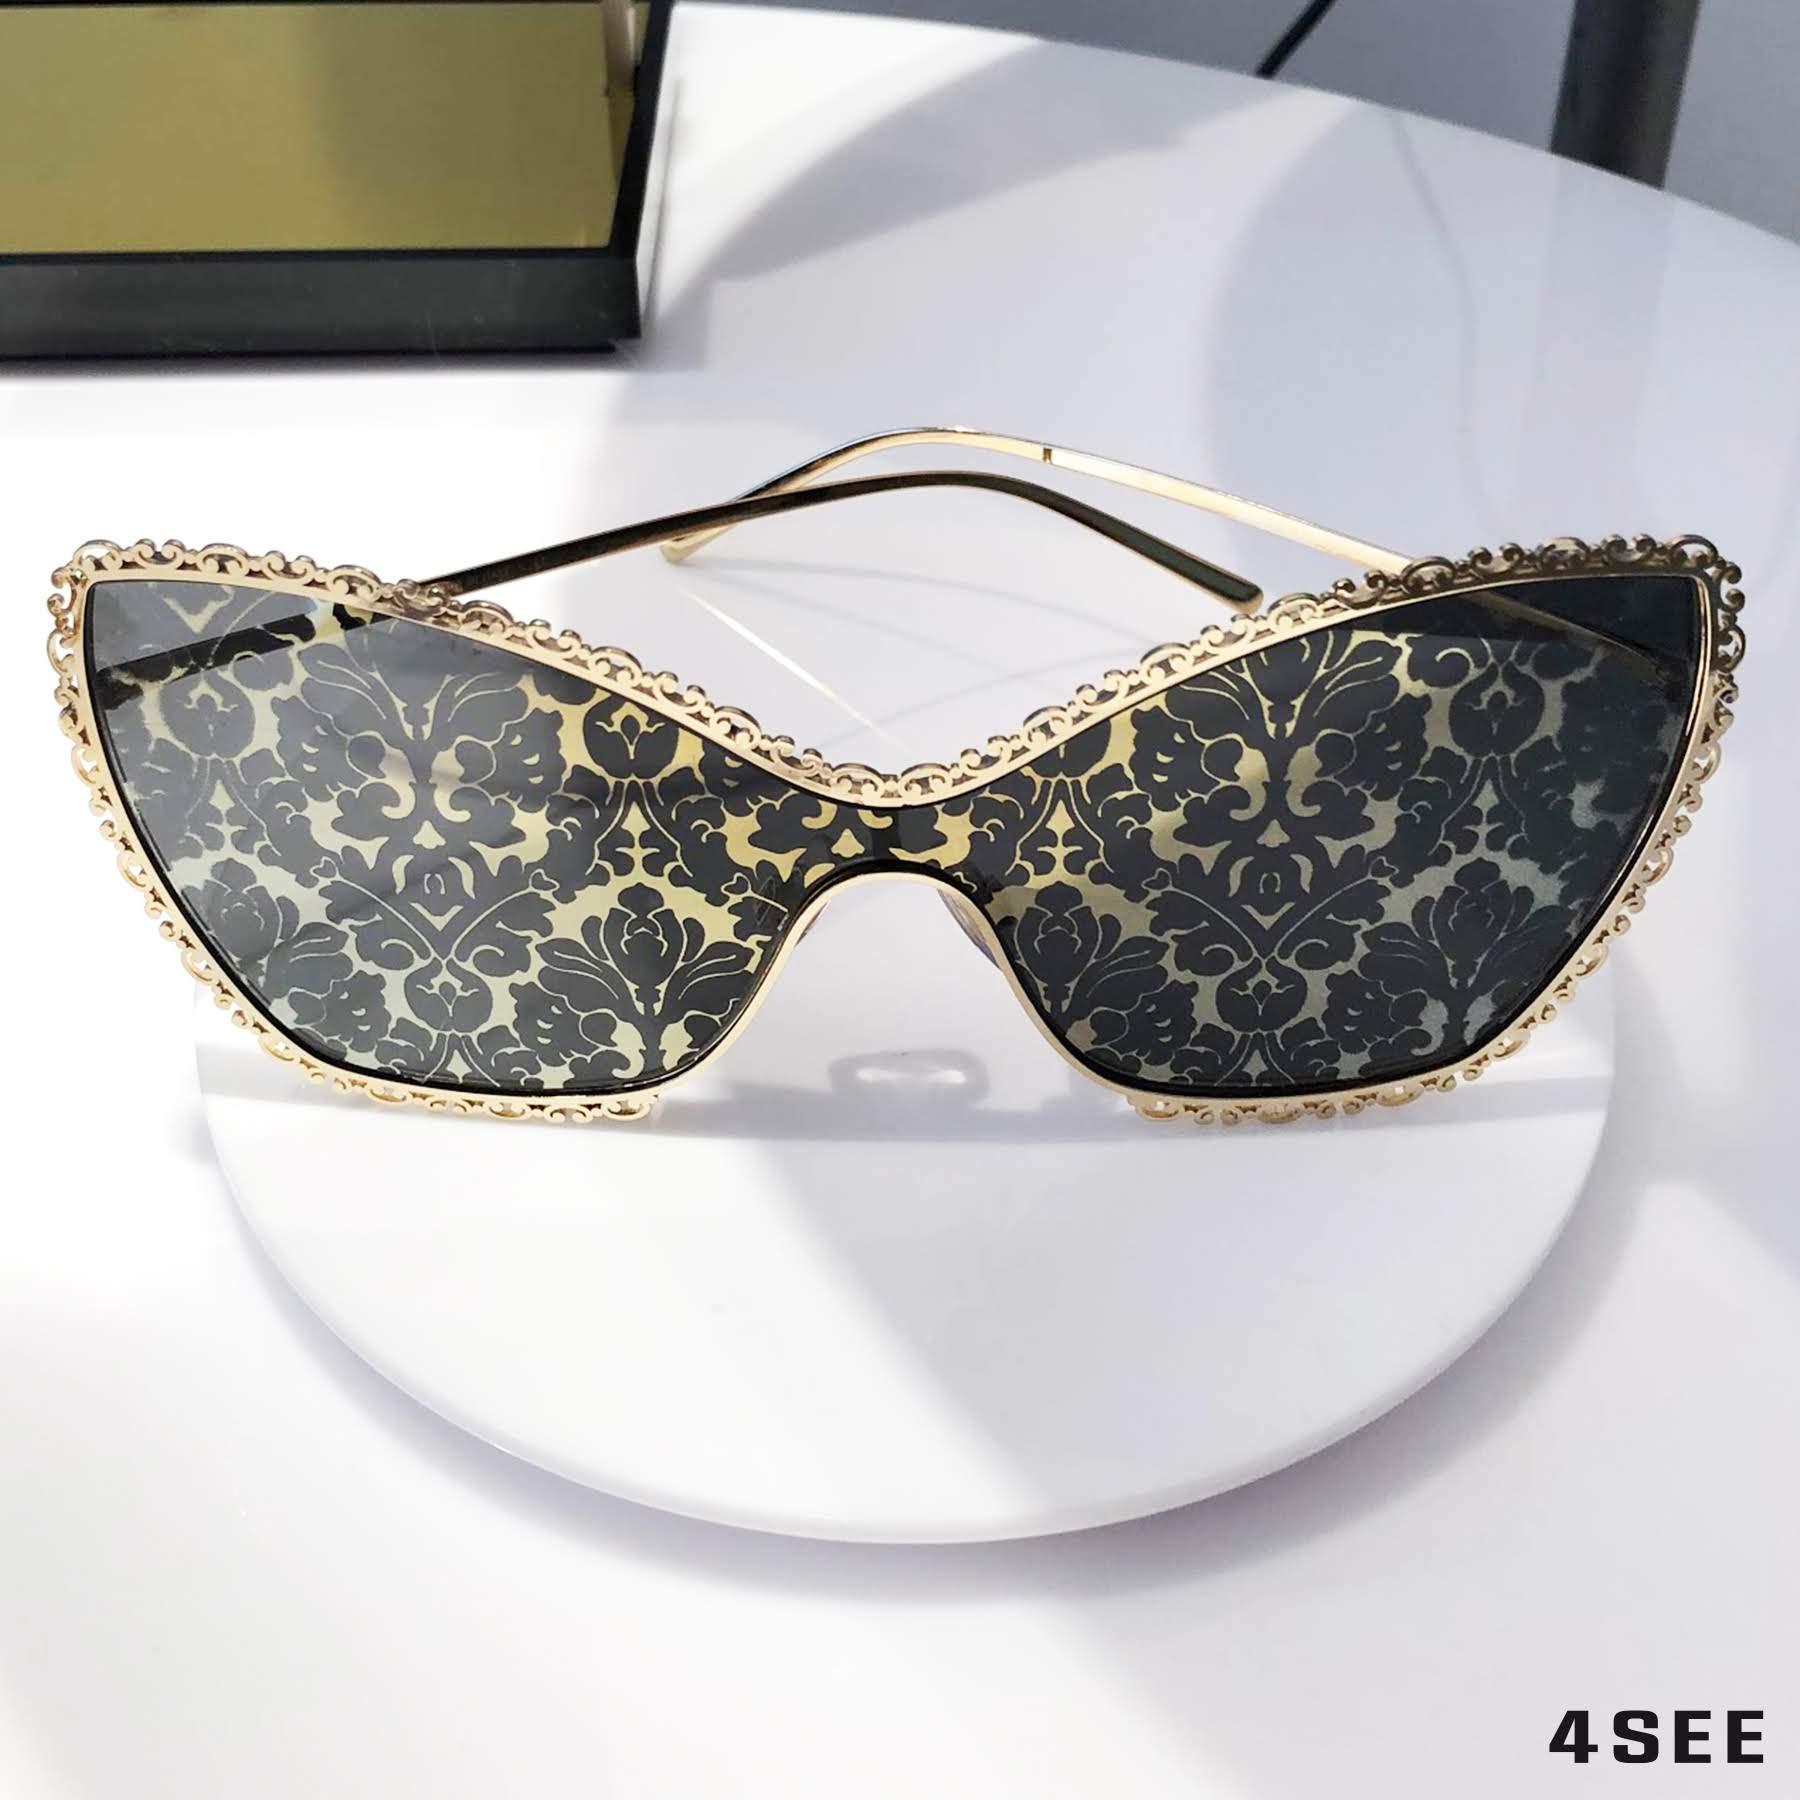 Dolce & Gabbana 3